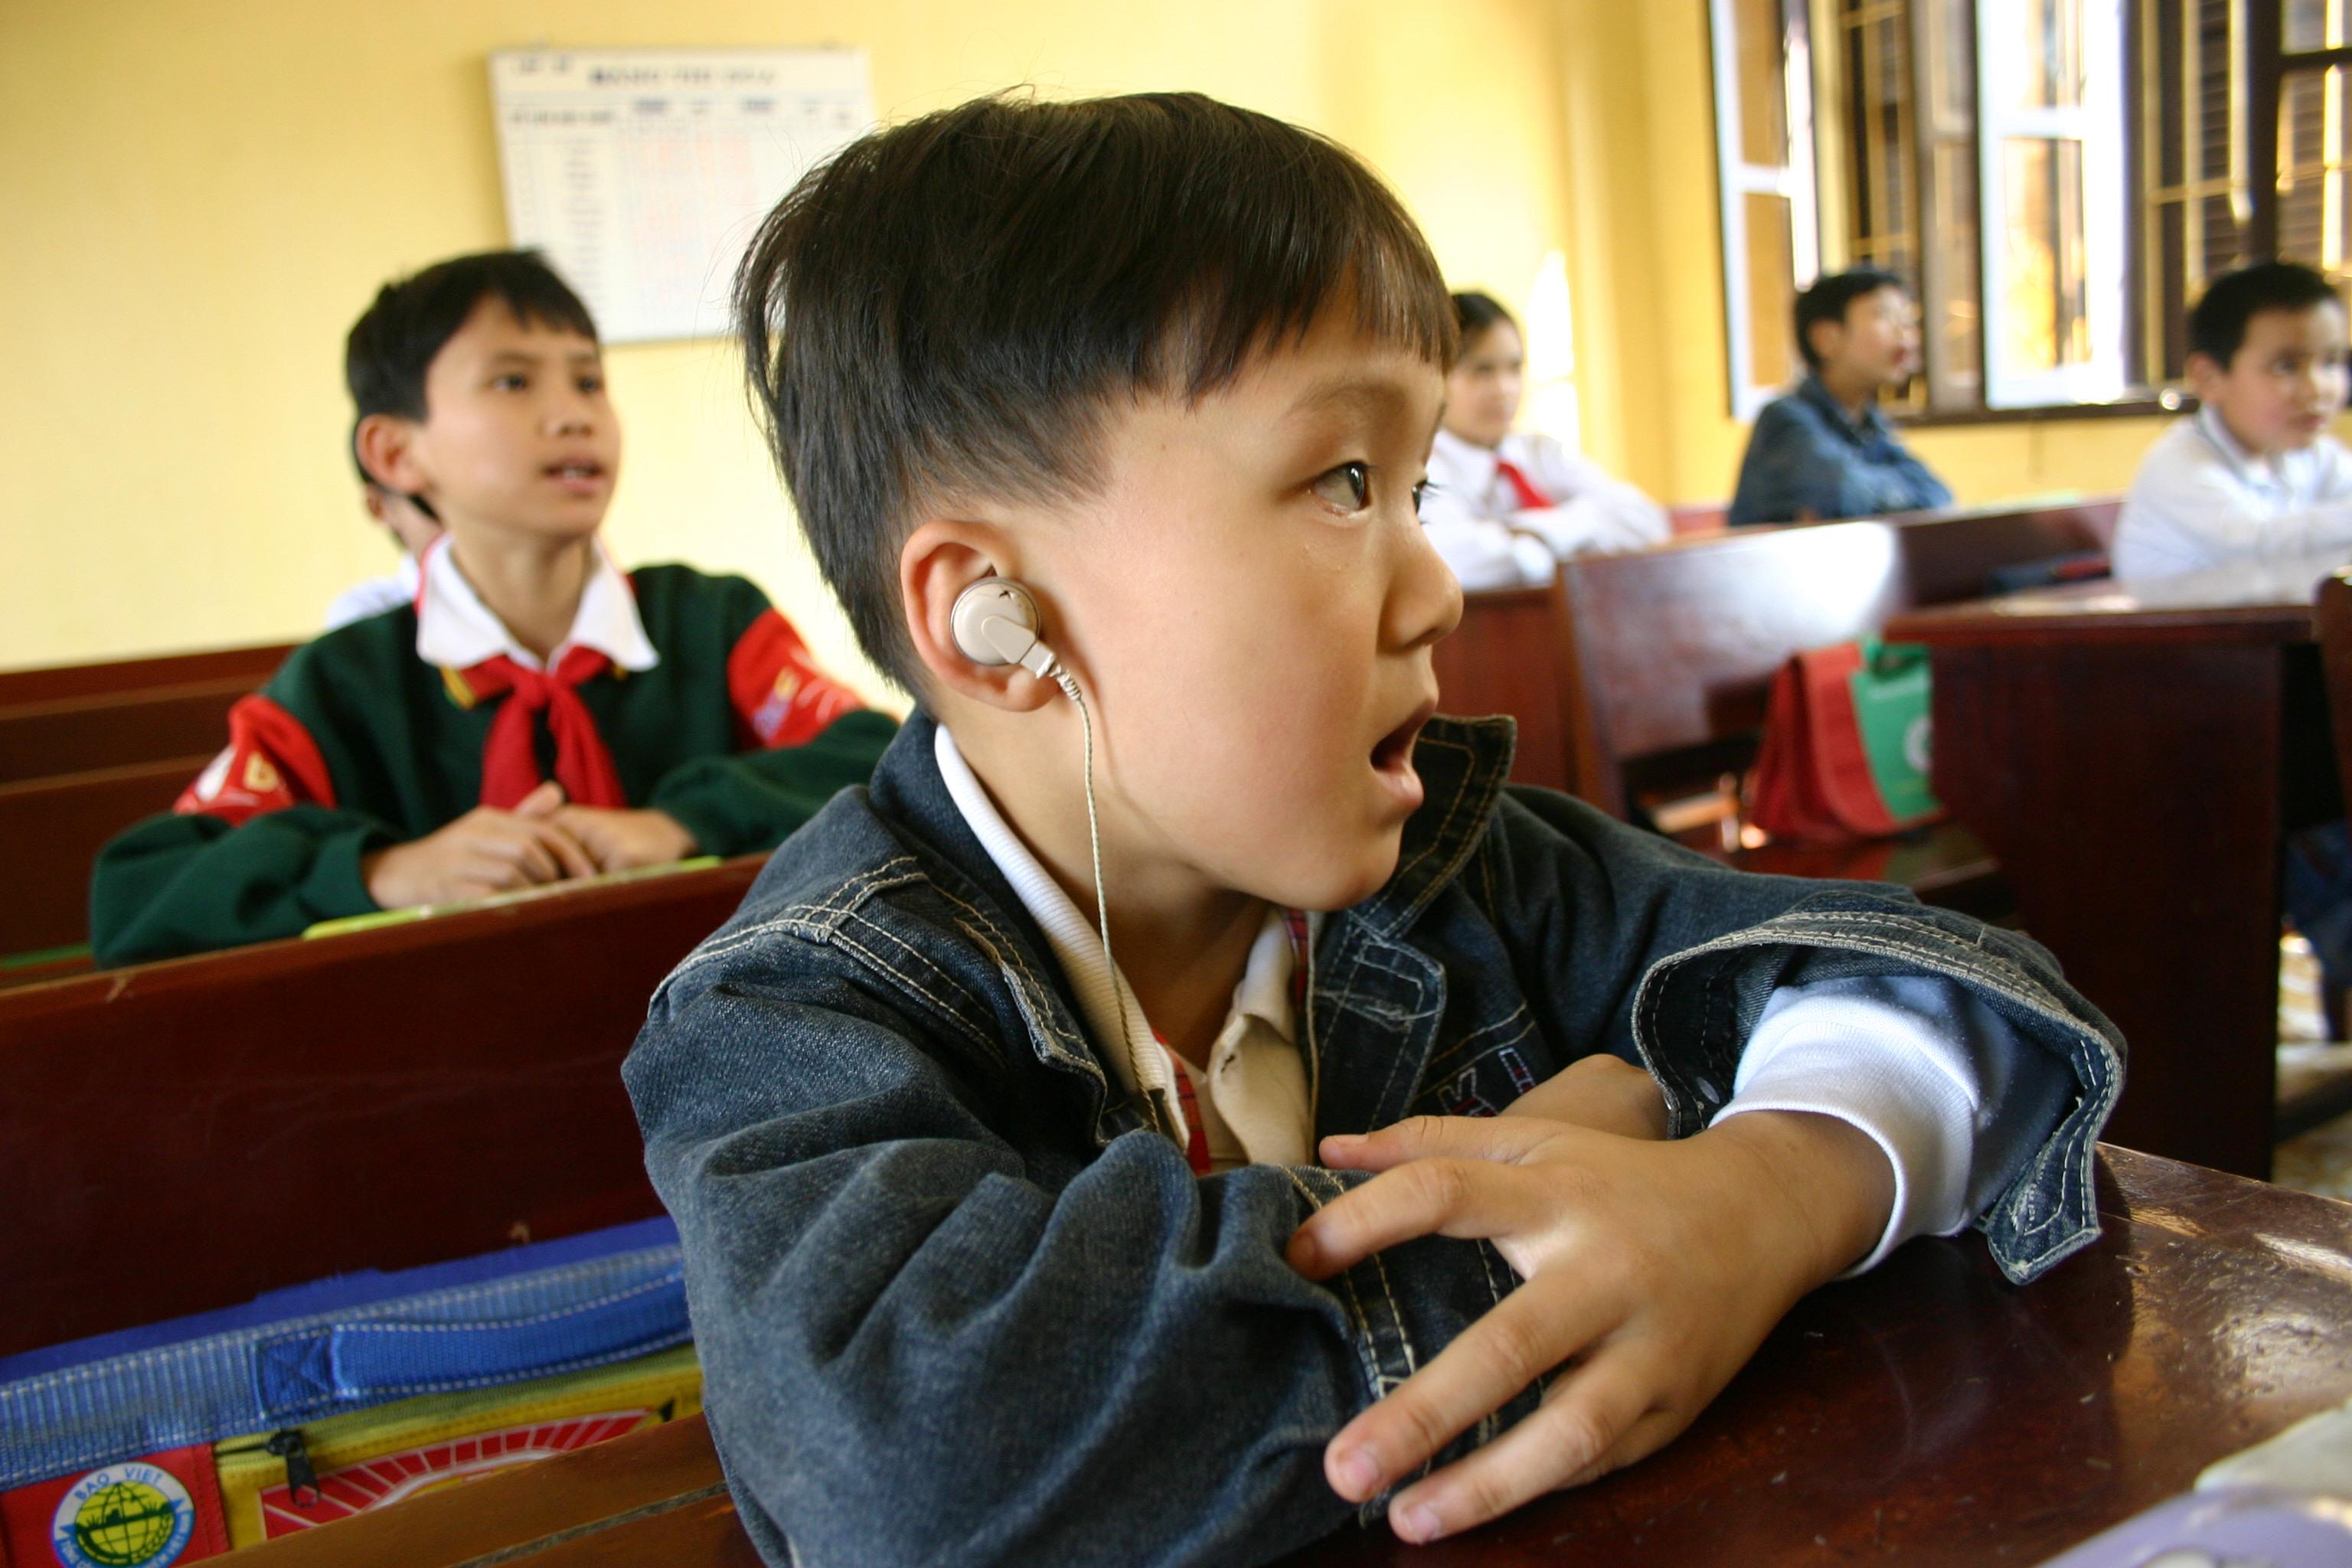 Phục hồi chức năng khiếm thính ở trẻ